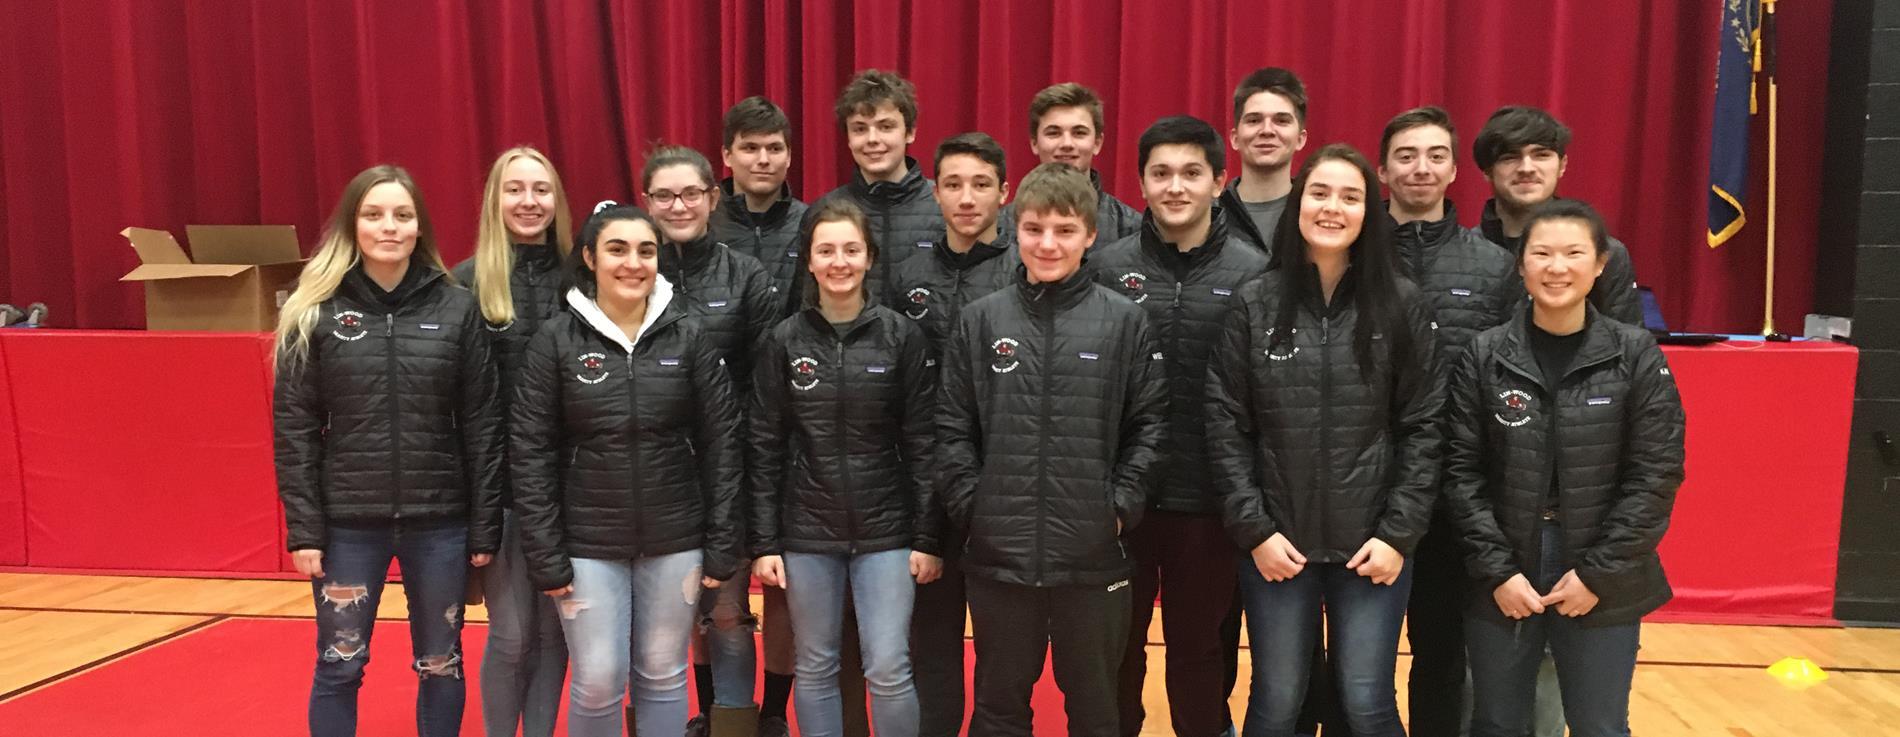 2019 Varsity Jackets